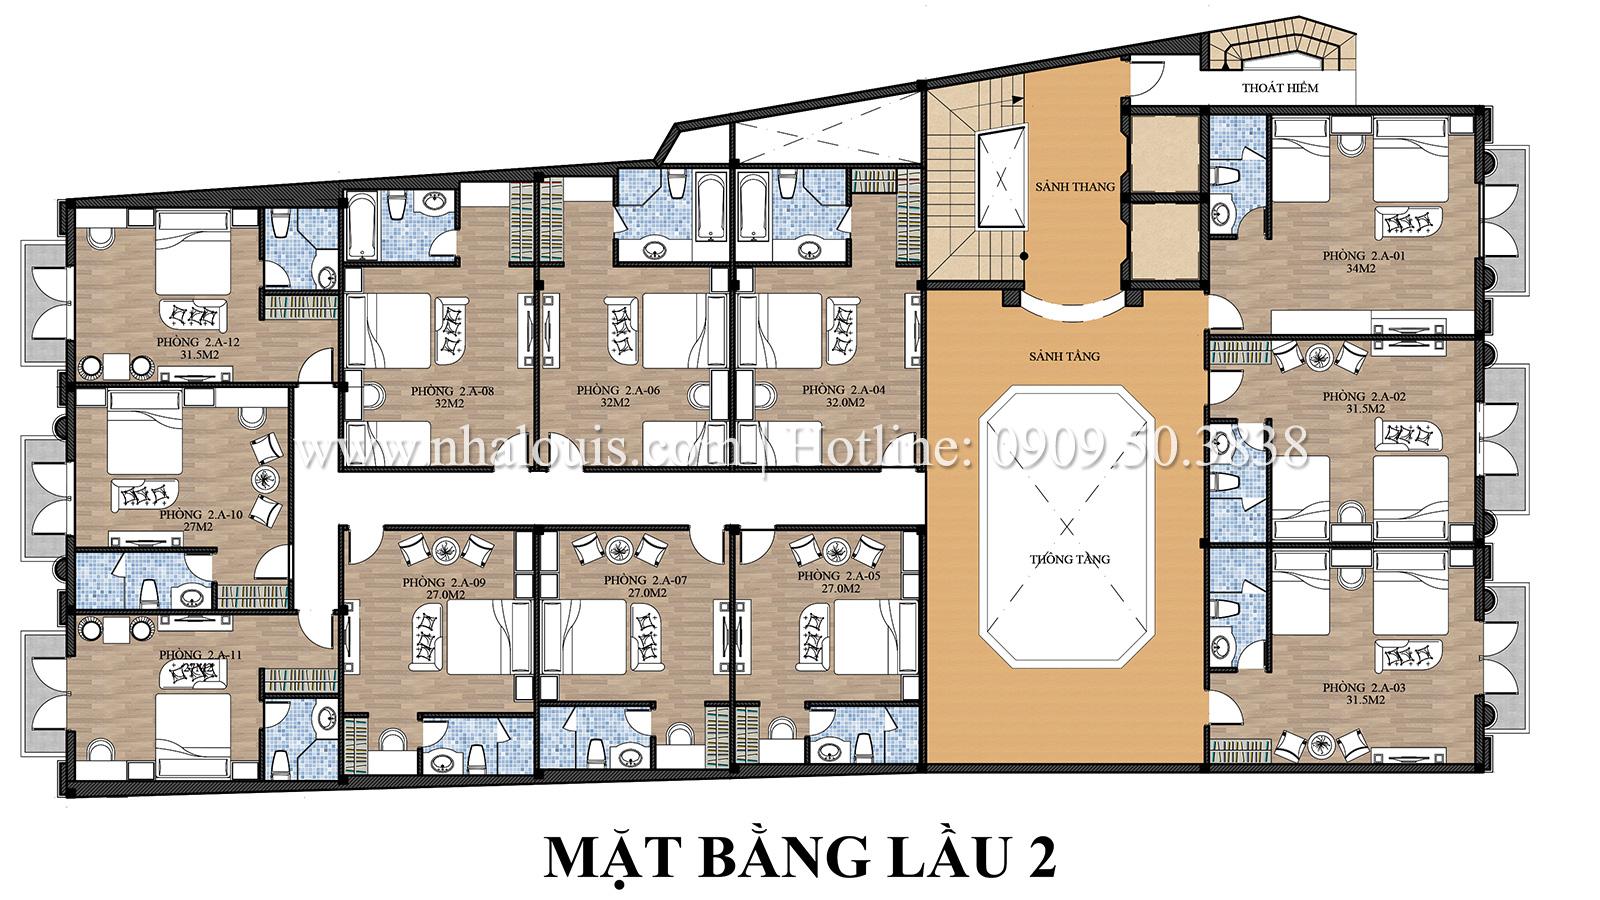 Mặt bằng tầng 2 Mẫu khách sạn phong cách cổ điển kết hợp quán cafe tại An Giang - 07